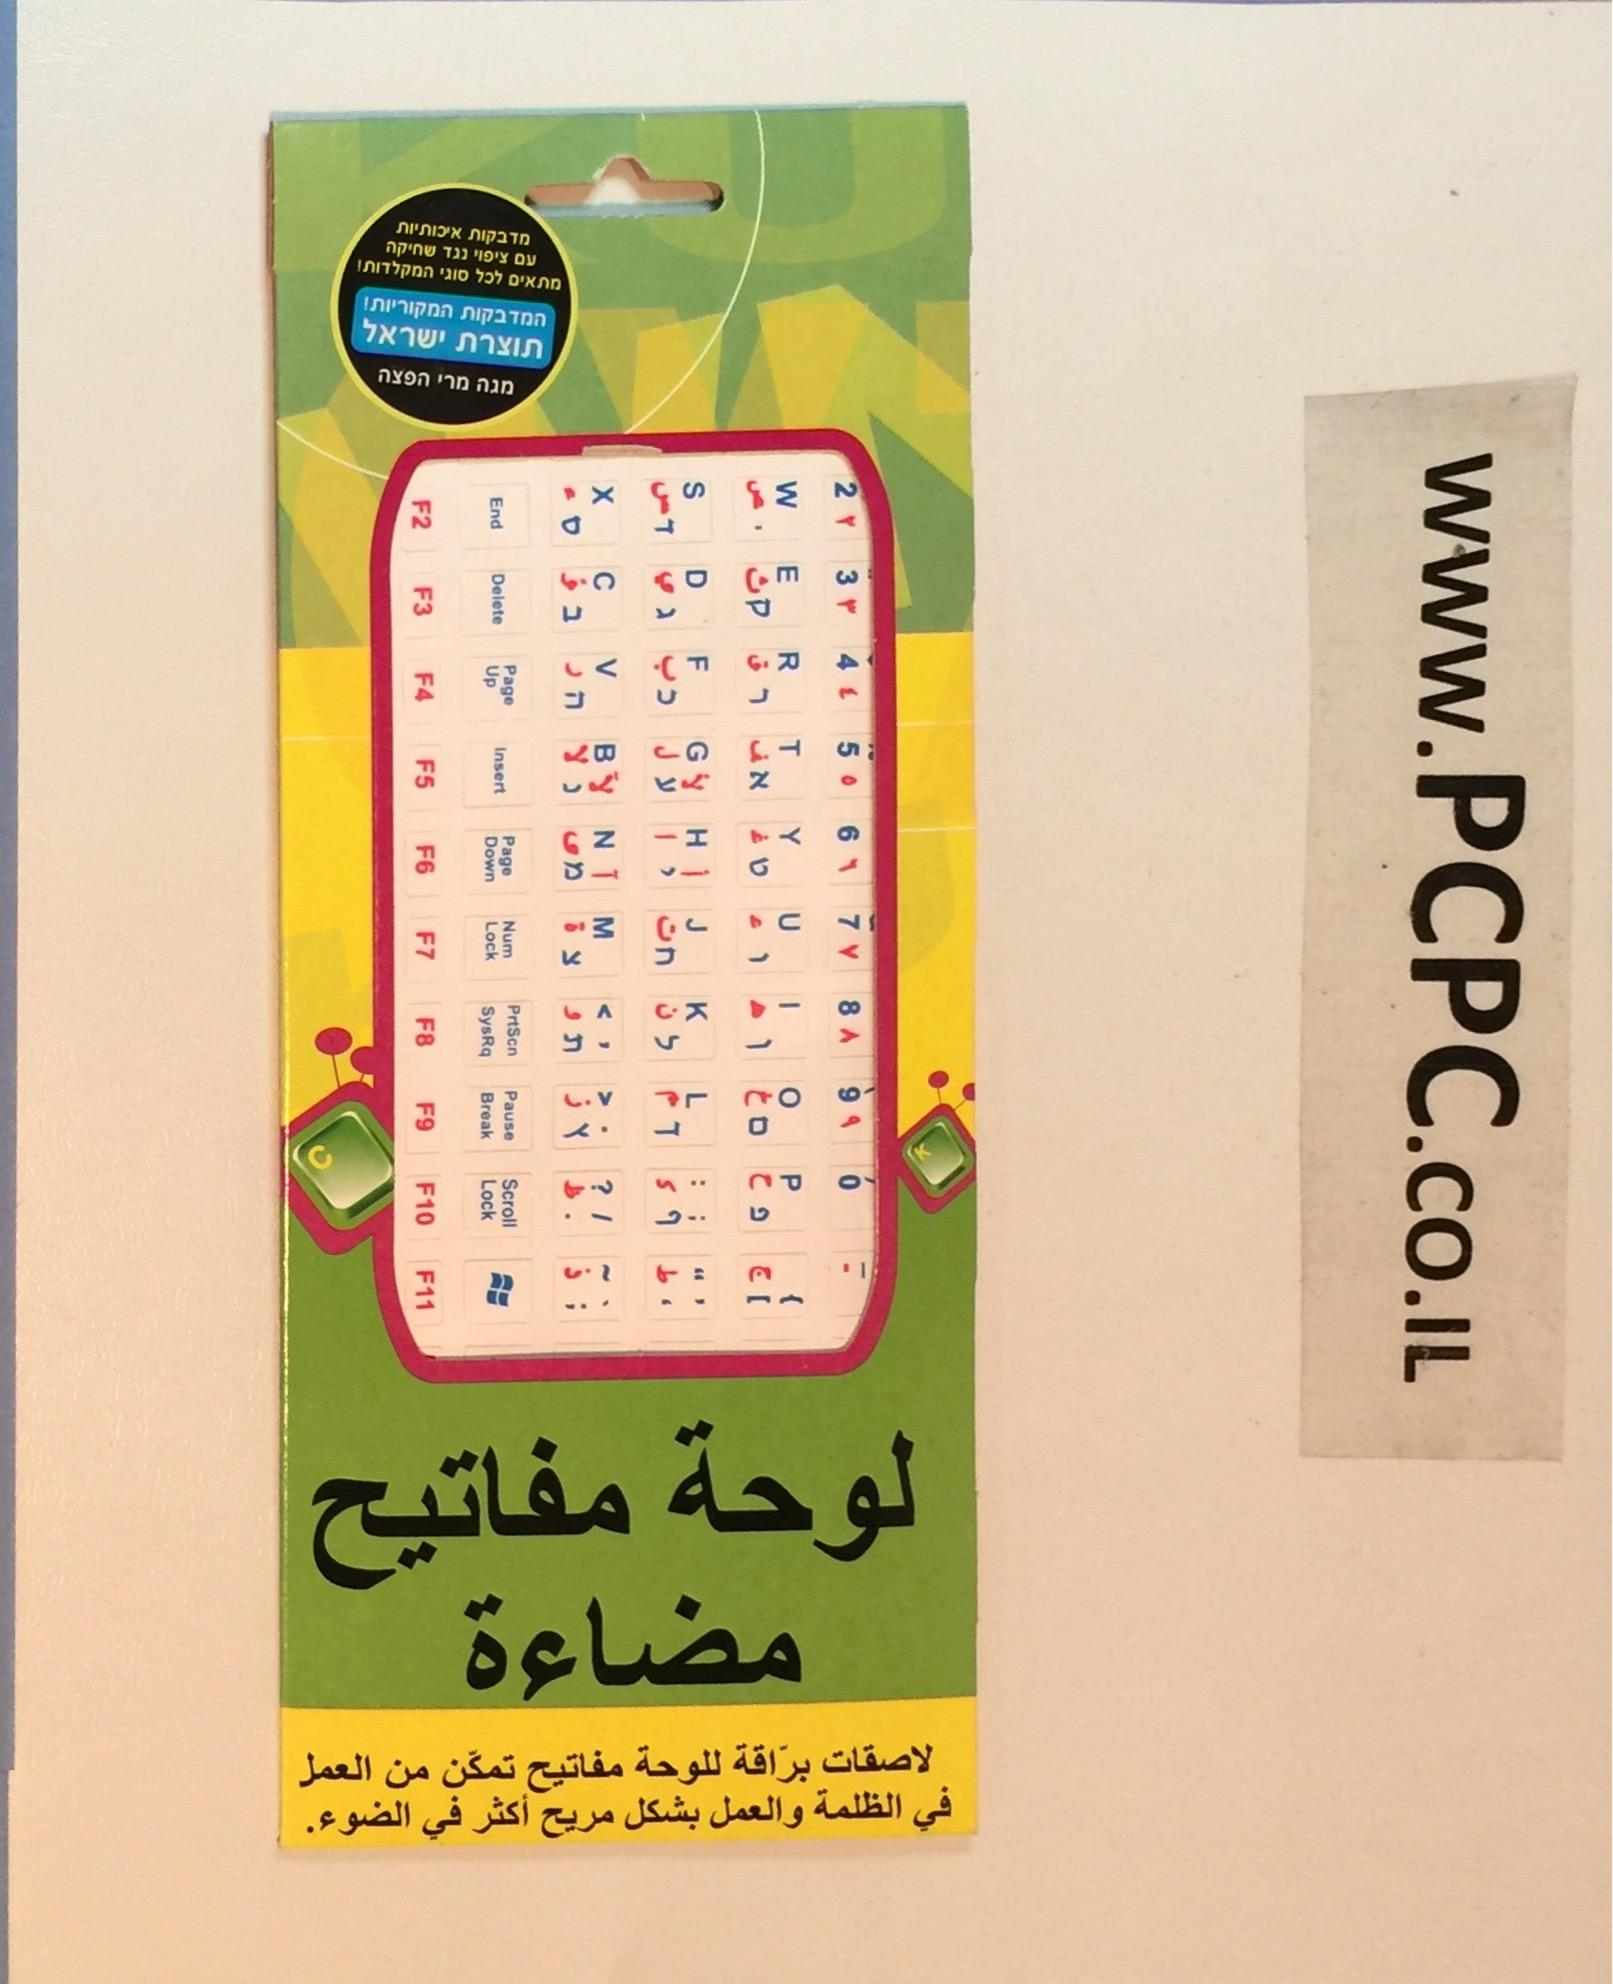 אותיות לבנות למקלדת עברית-רוסית-ערבית